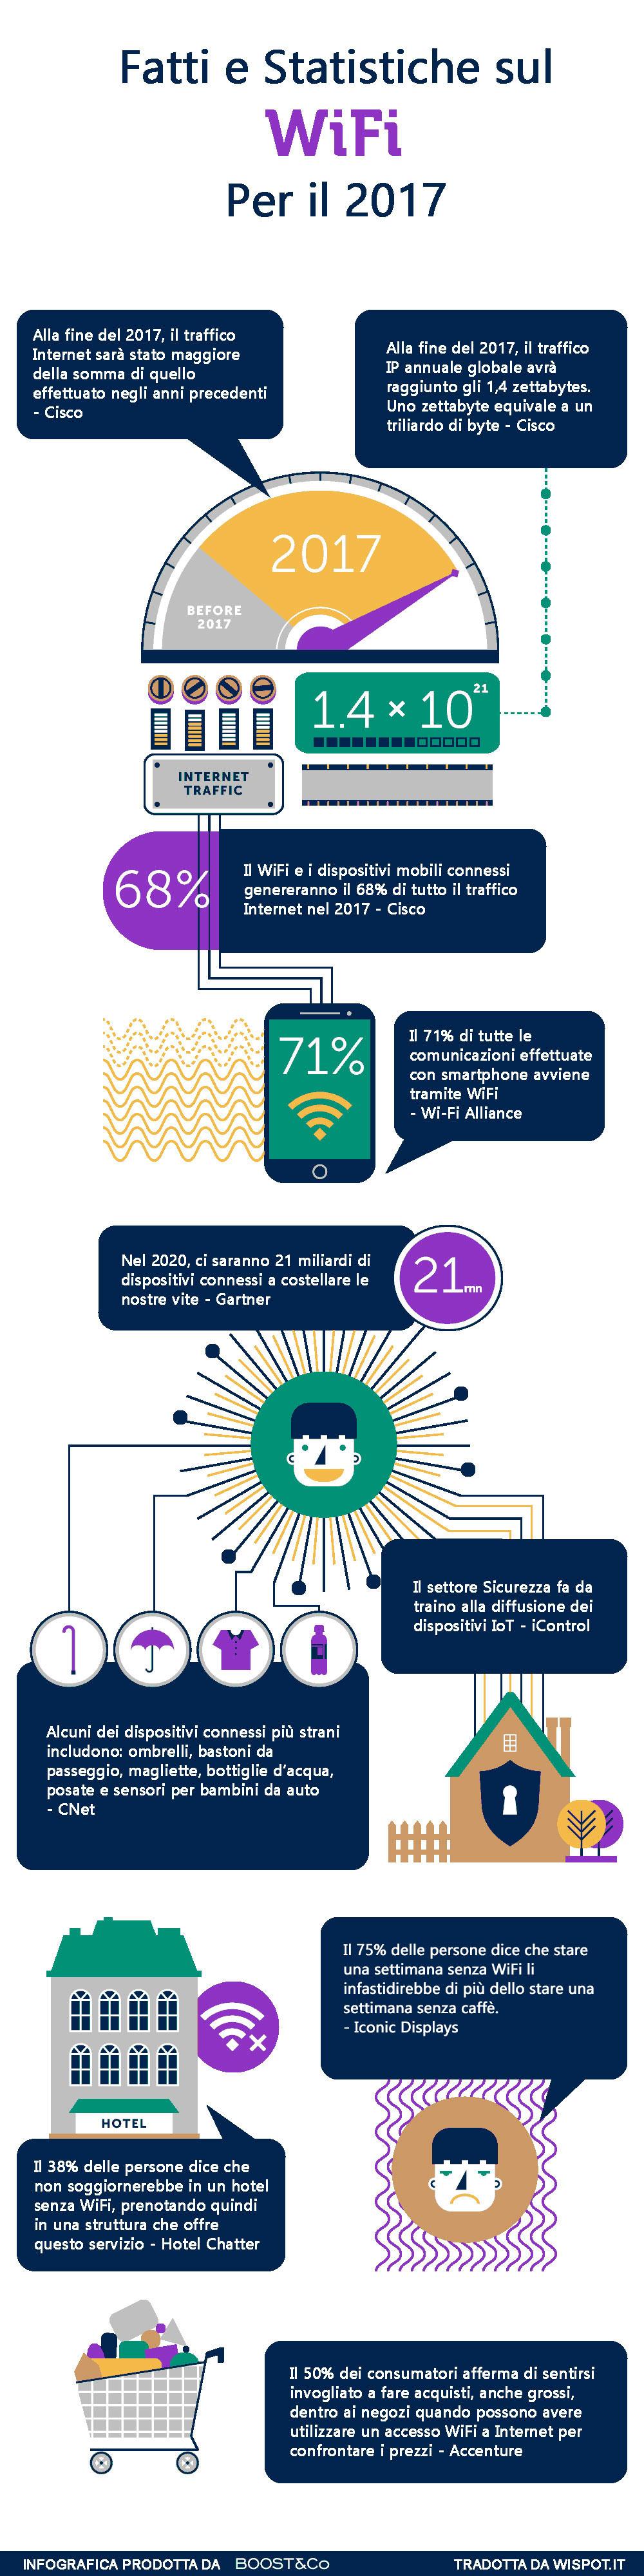 Infografica contenente 10 statistiche sul WiFi nel 2017..